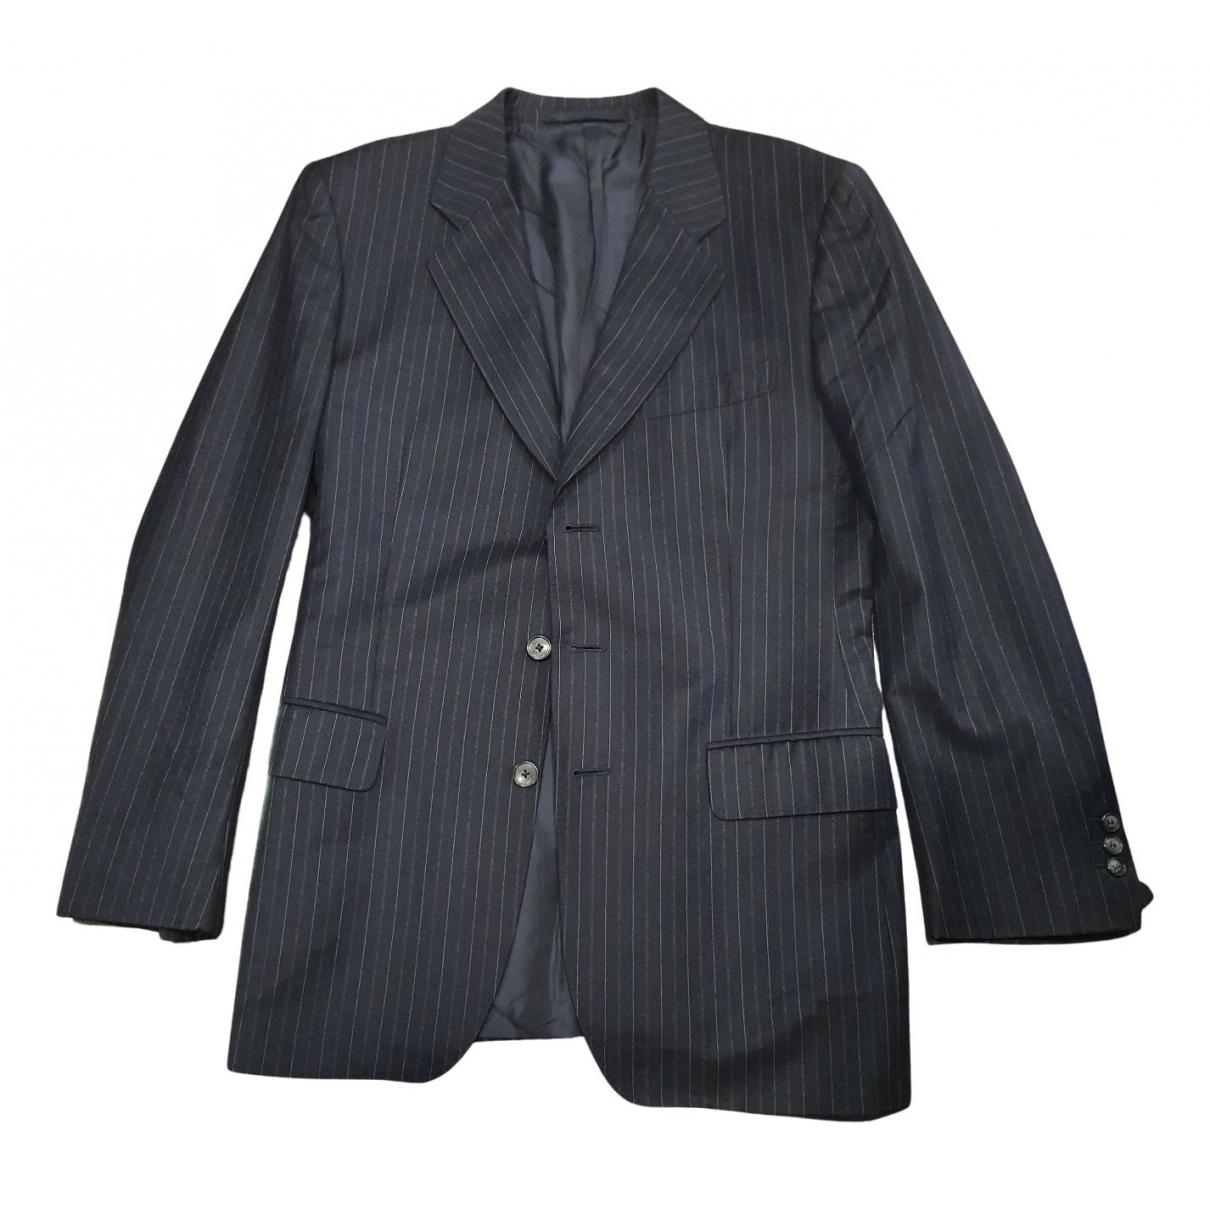 Yves Saint Laurent - Vestes.Blousons   pour homme en laine - bleu